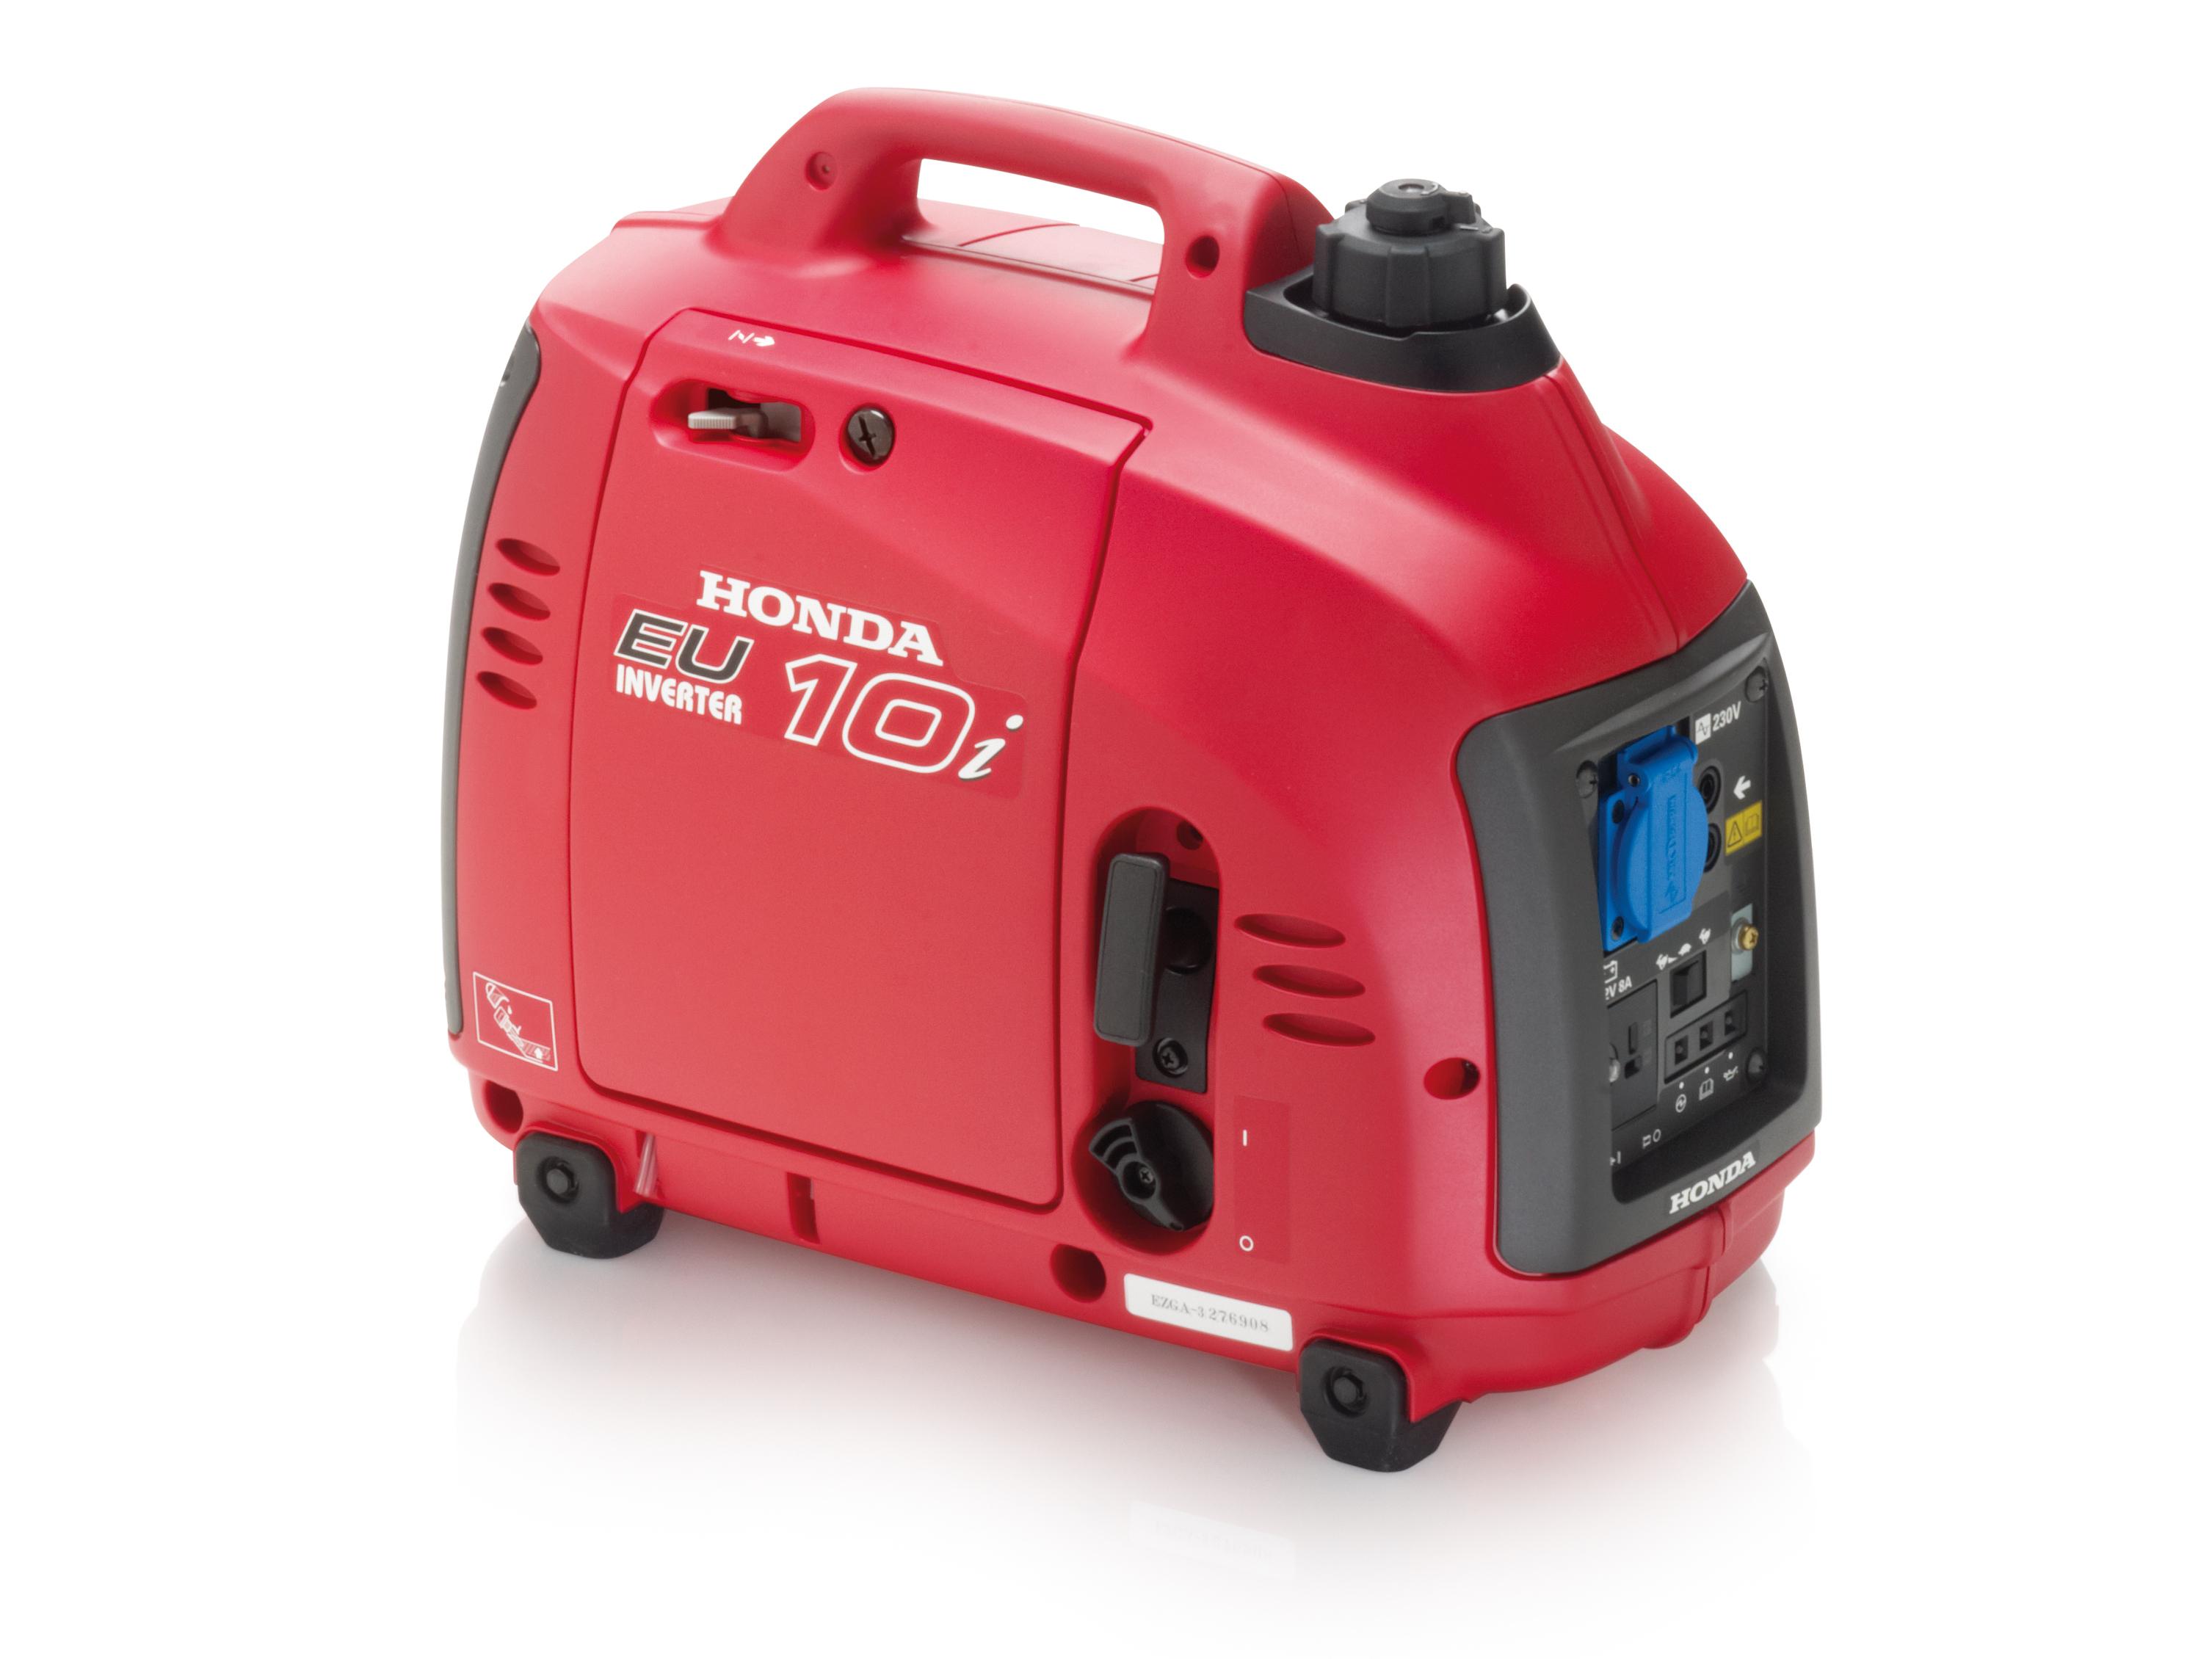 Honda EU10i-generaattori H0004